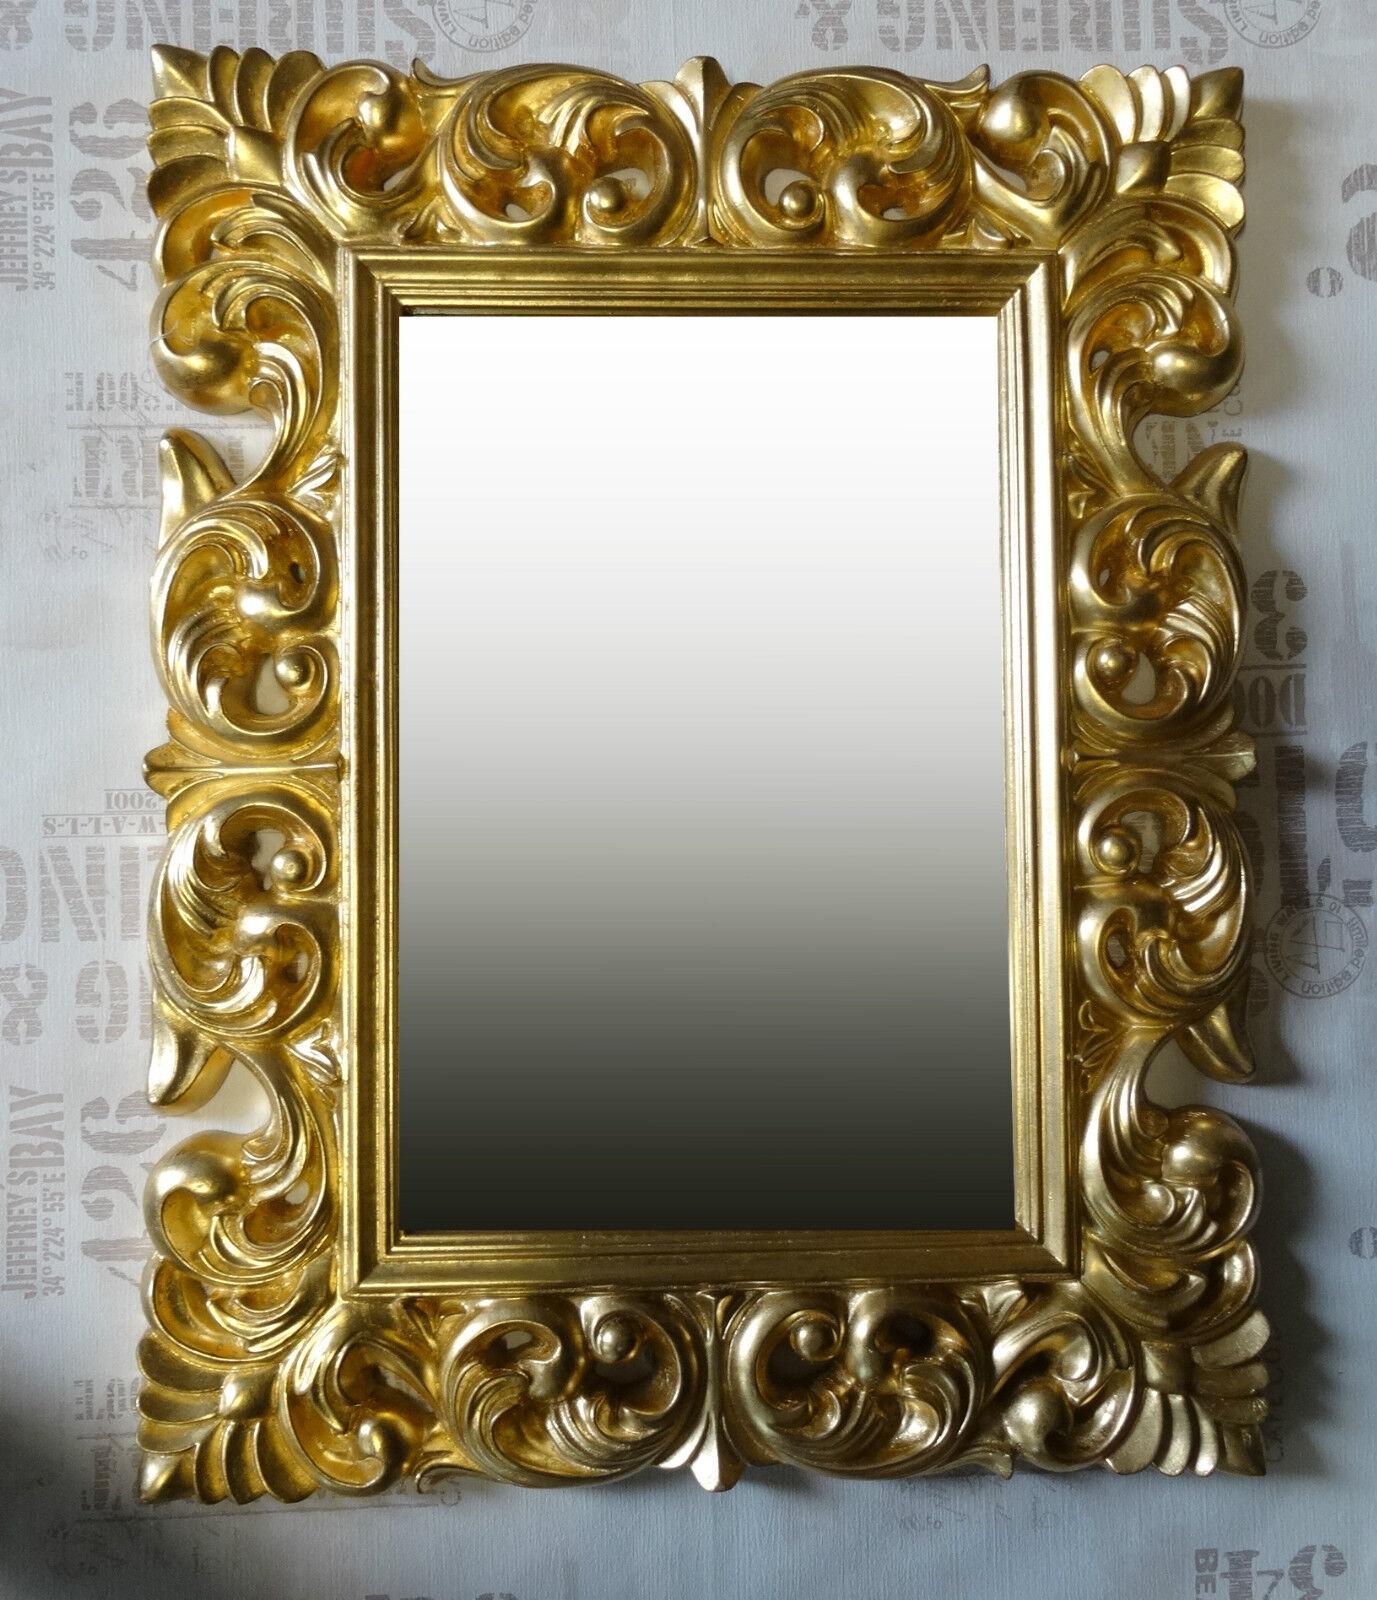 Espejo de pared antik rokoko 90x70 barroco en dorado for Couchtisch 90x70